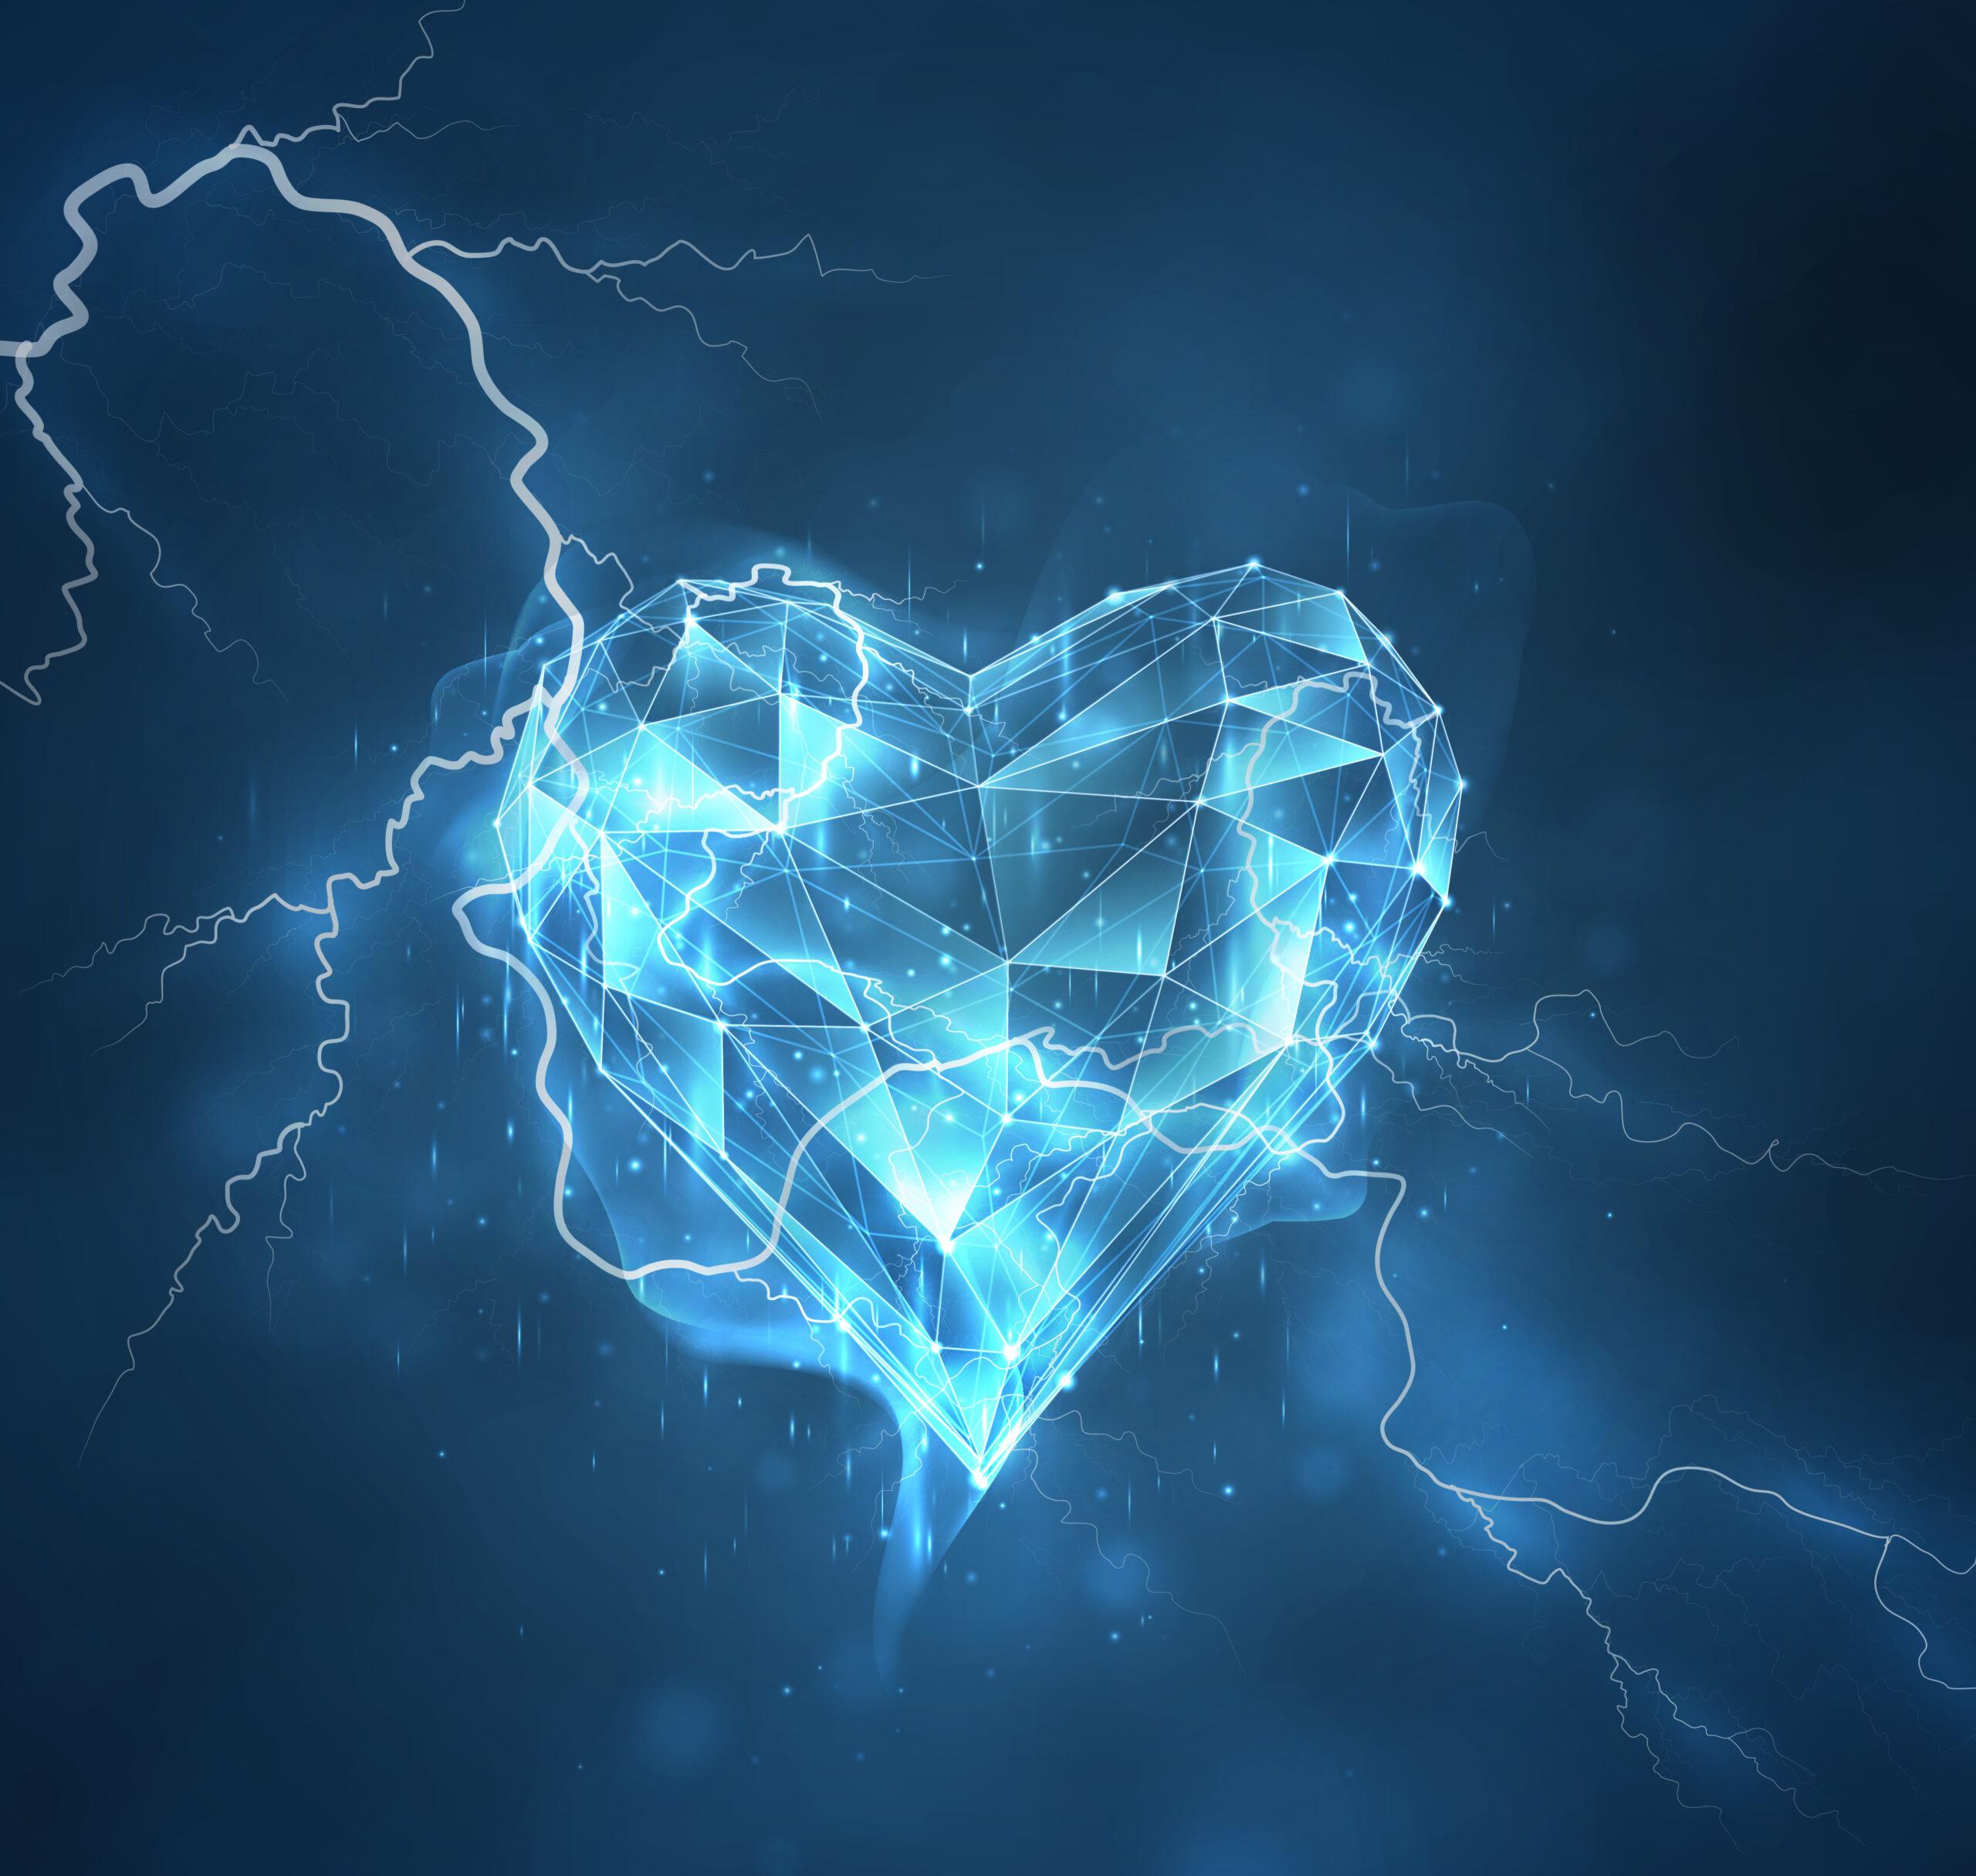 Blue Lightning Healing